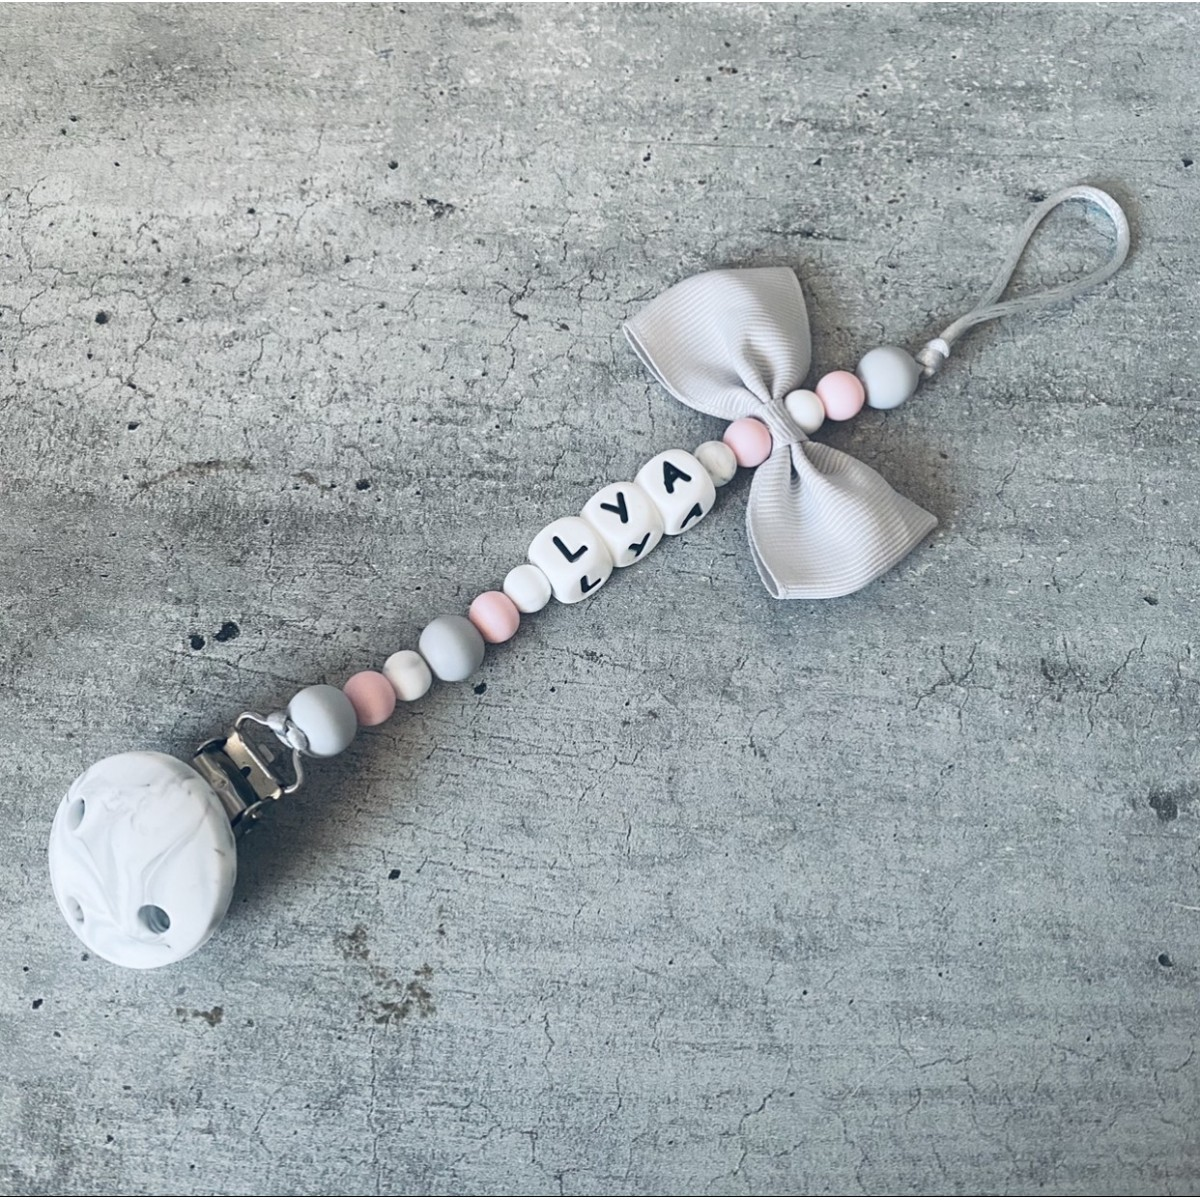 Attache tétine personnalisée en silicone pour fille et garçon : personnalisation d'attache sucette en silicone, attaches tétines confectionnées à la main dans mon atelier à Montpellier. Large choix de modèles d'attaches tétines personnalisables.